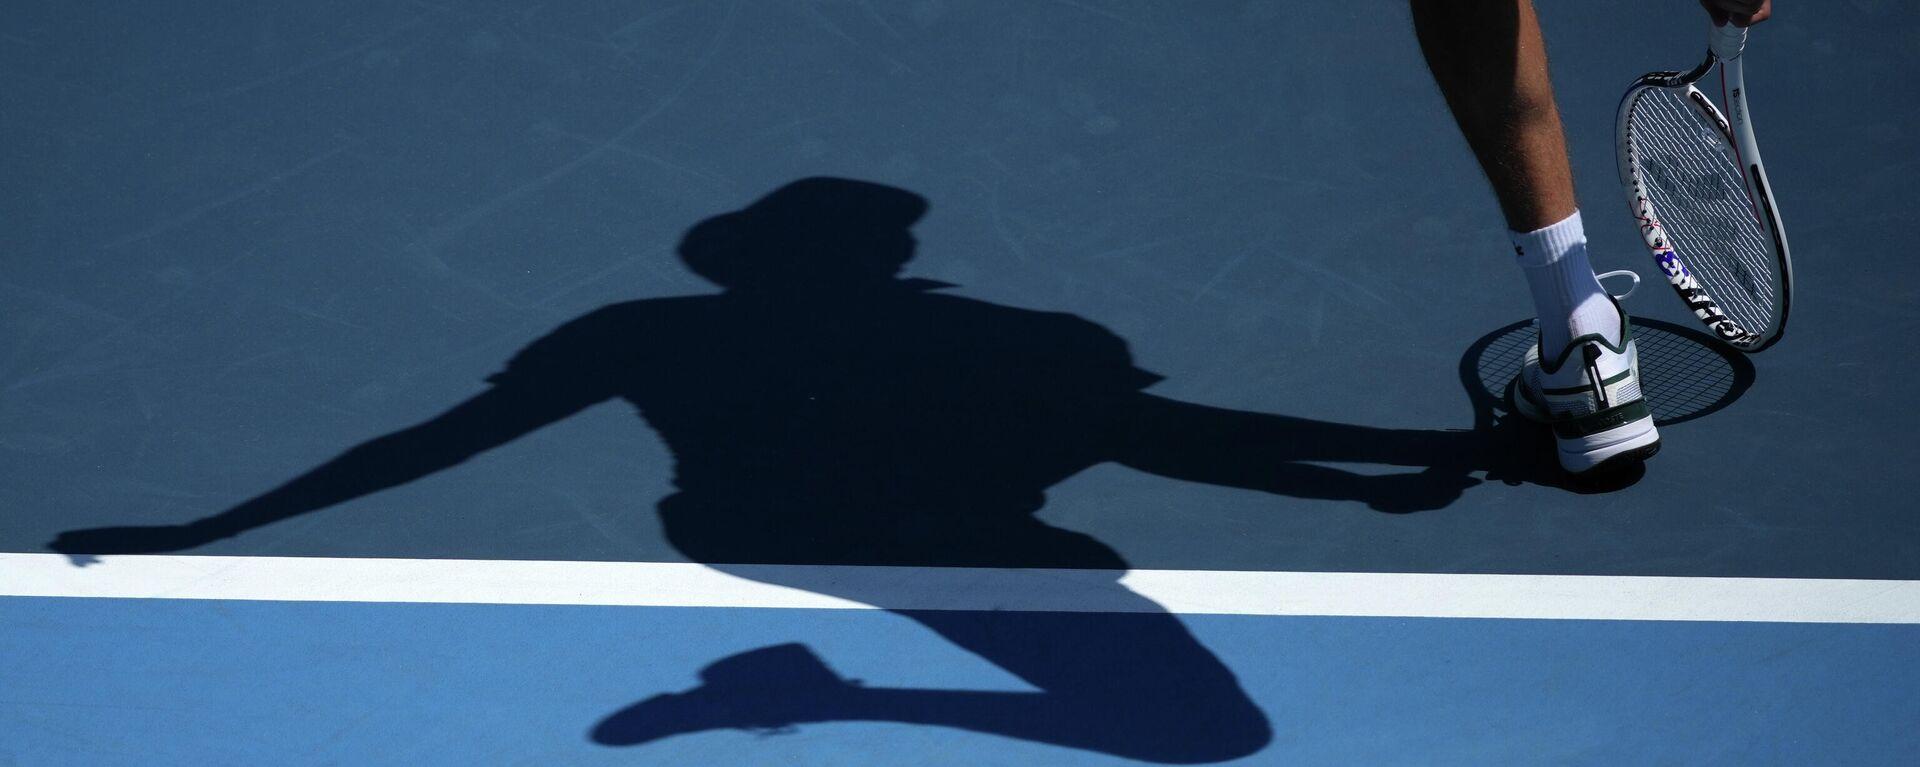 Ruski teniser Danil Medvedev u prvom kolu Olimpijskih igara u Tokiju - Sputnik Srbija, 1920, 24.07.2021